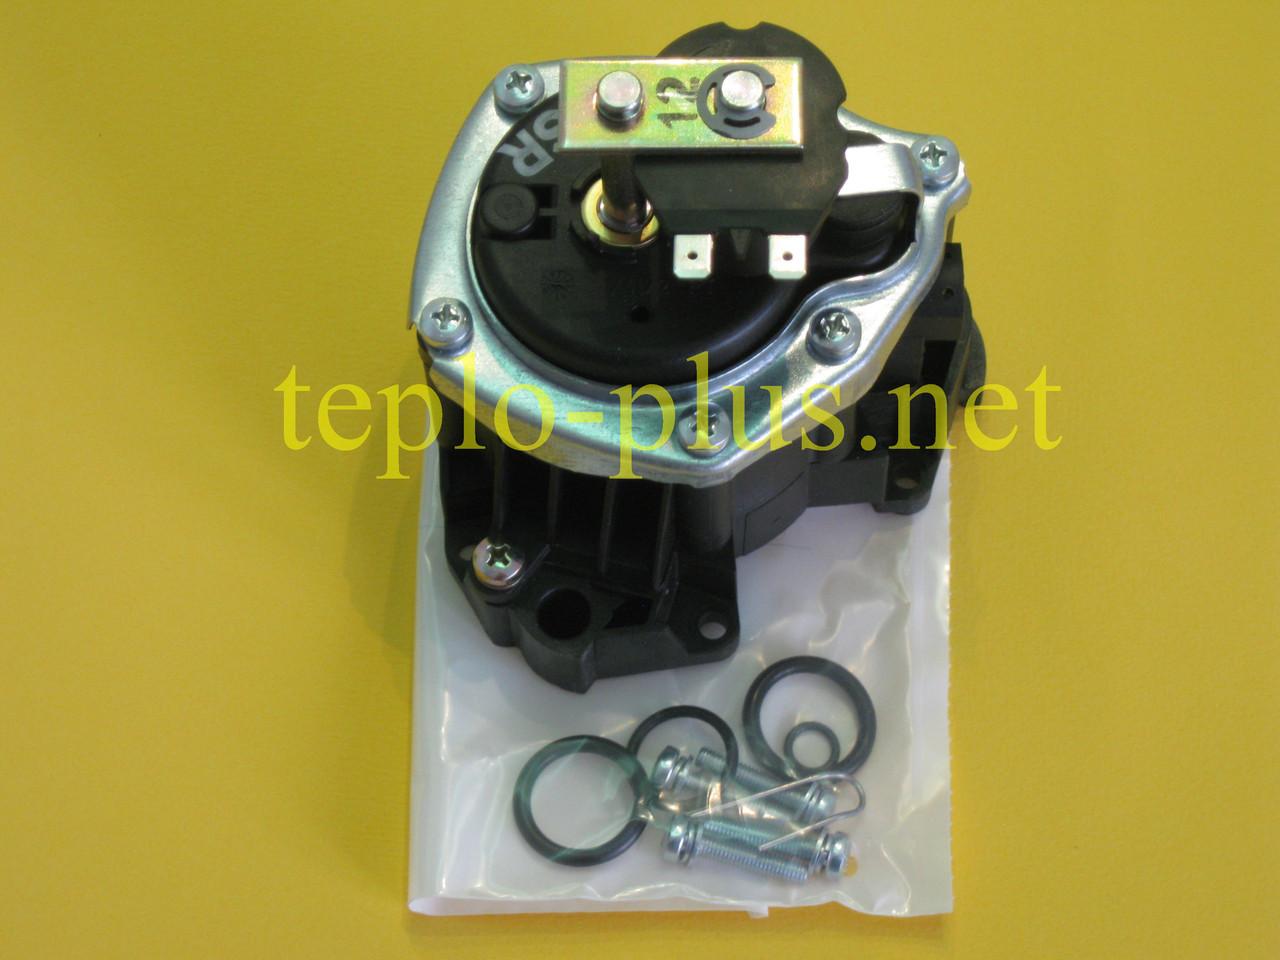 Гидравлический переключатель 8717204199 (замена 8708505014) Junkers, Bosch Euroline ZS23, ZW23